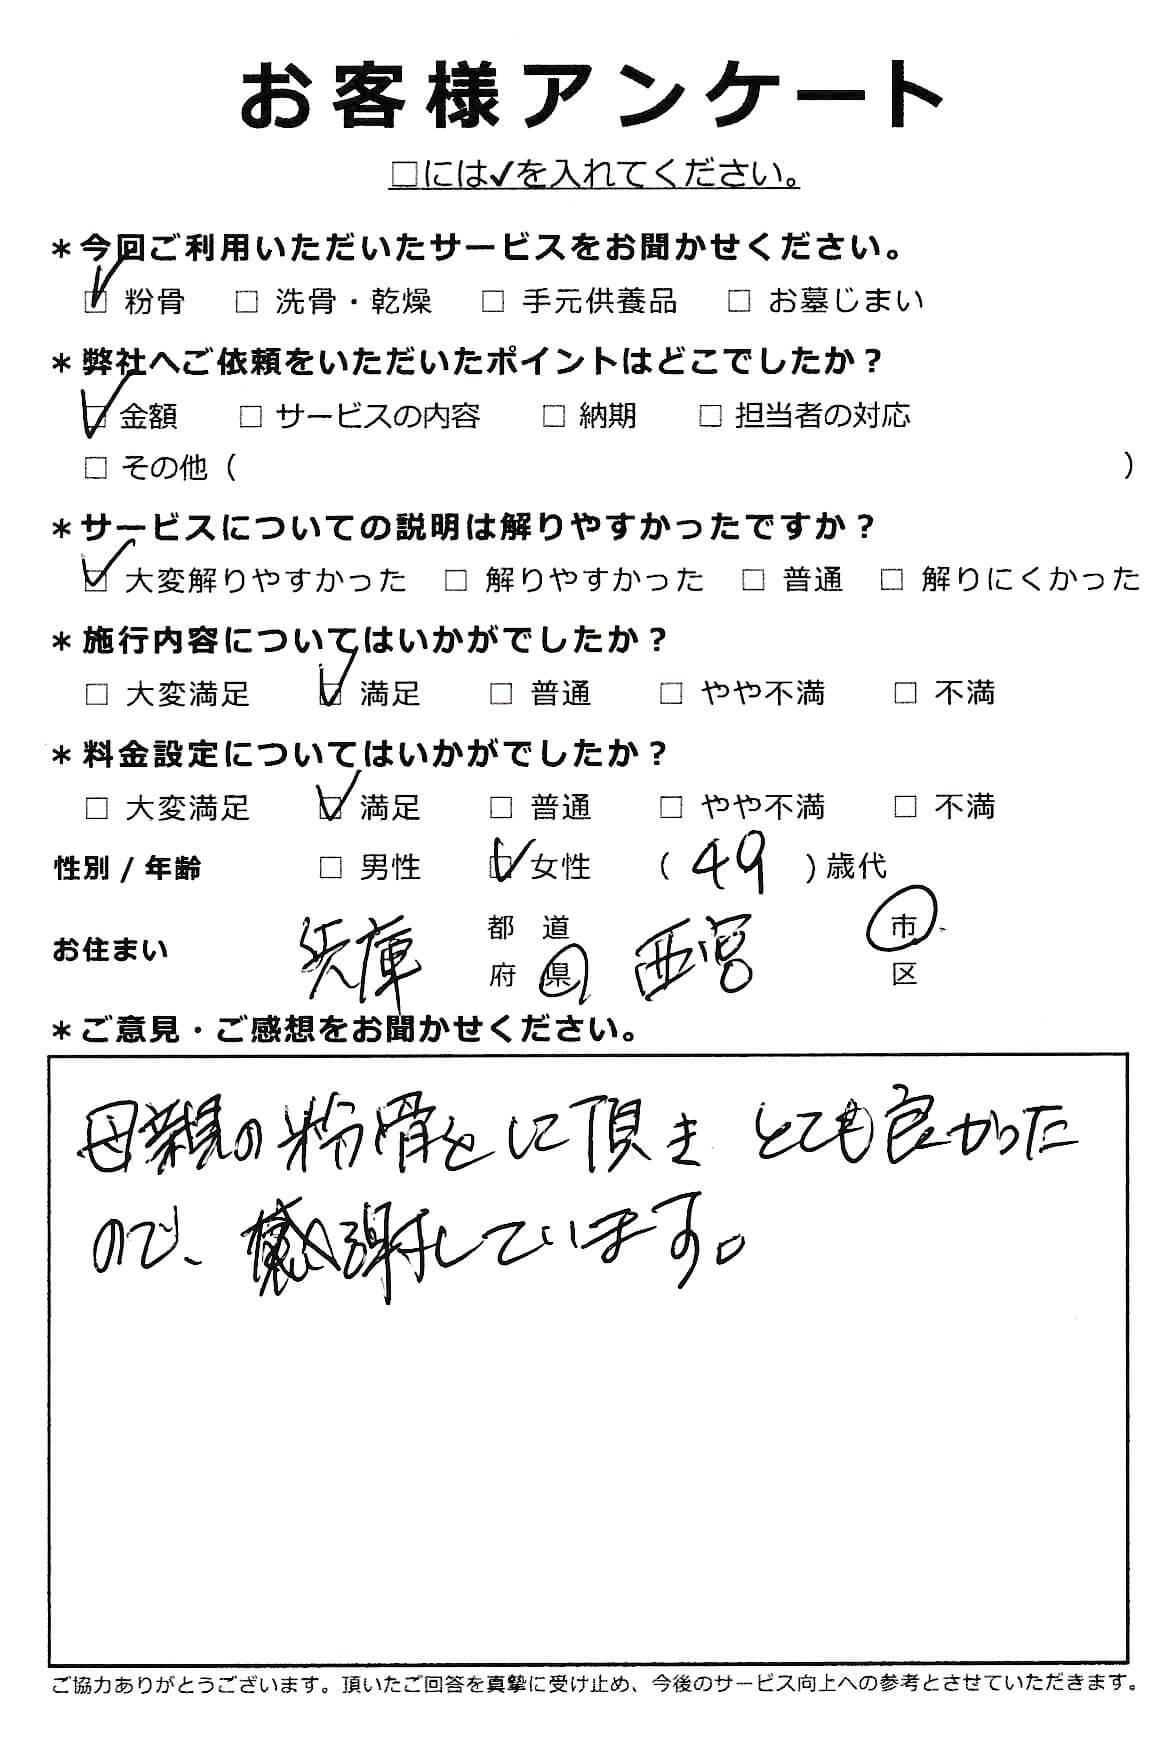 兵庫県西宮市での粉骨サービス